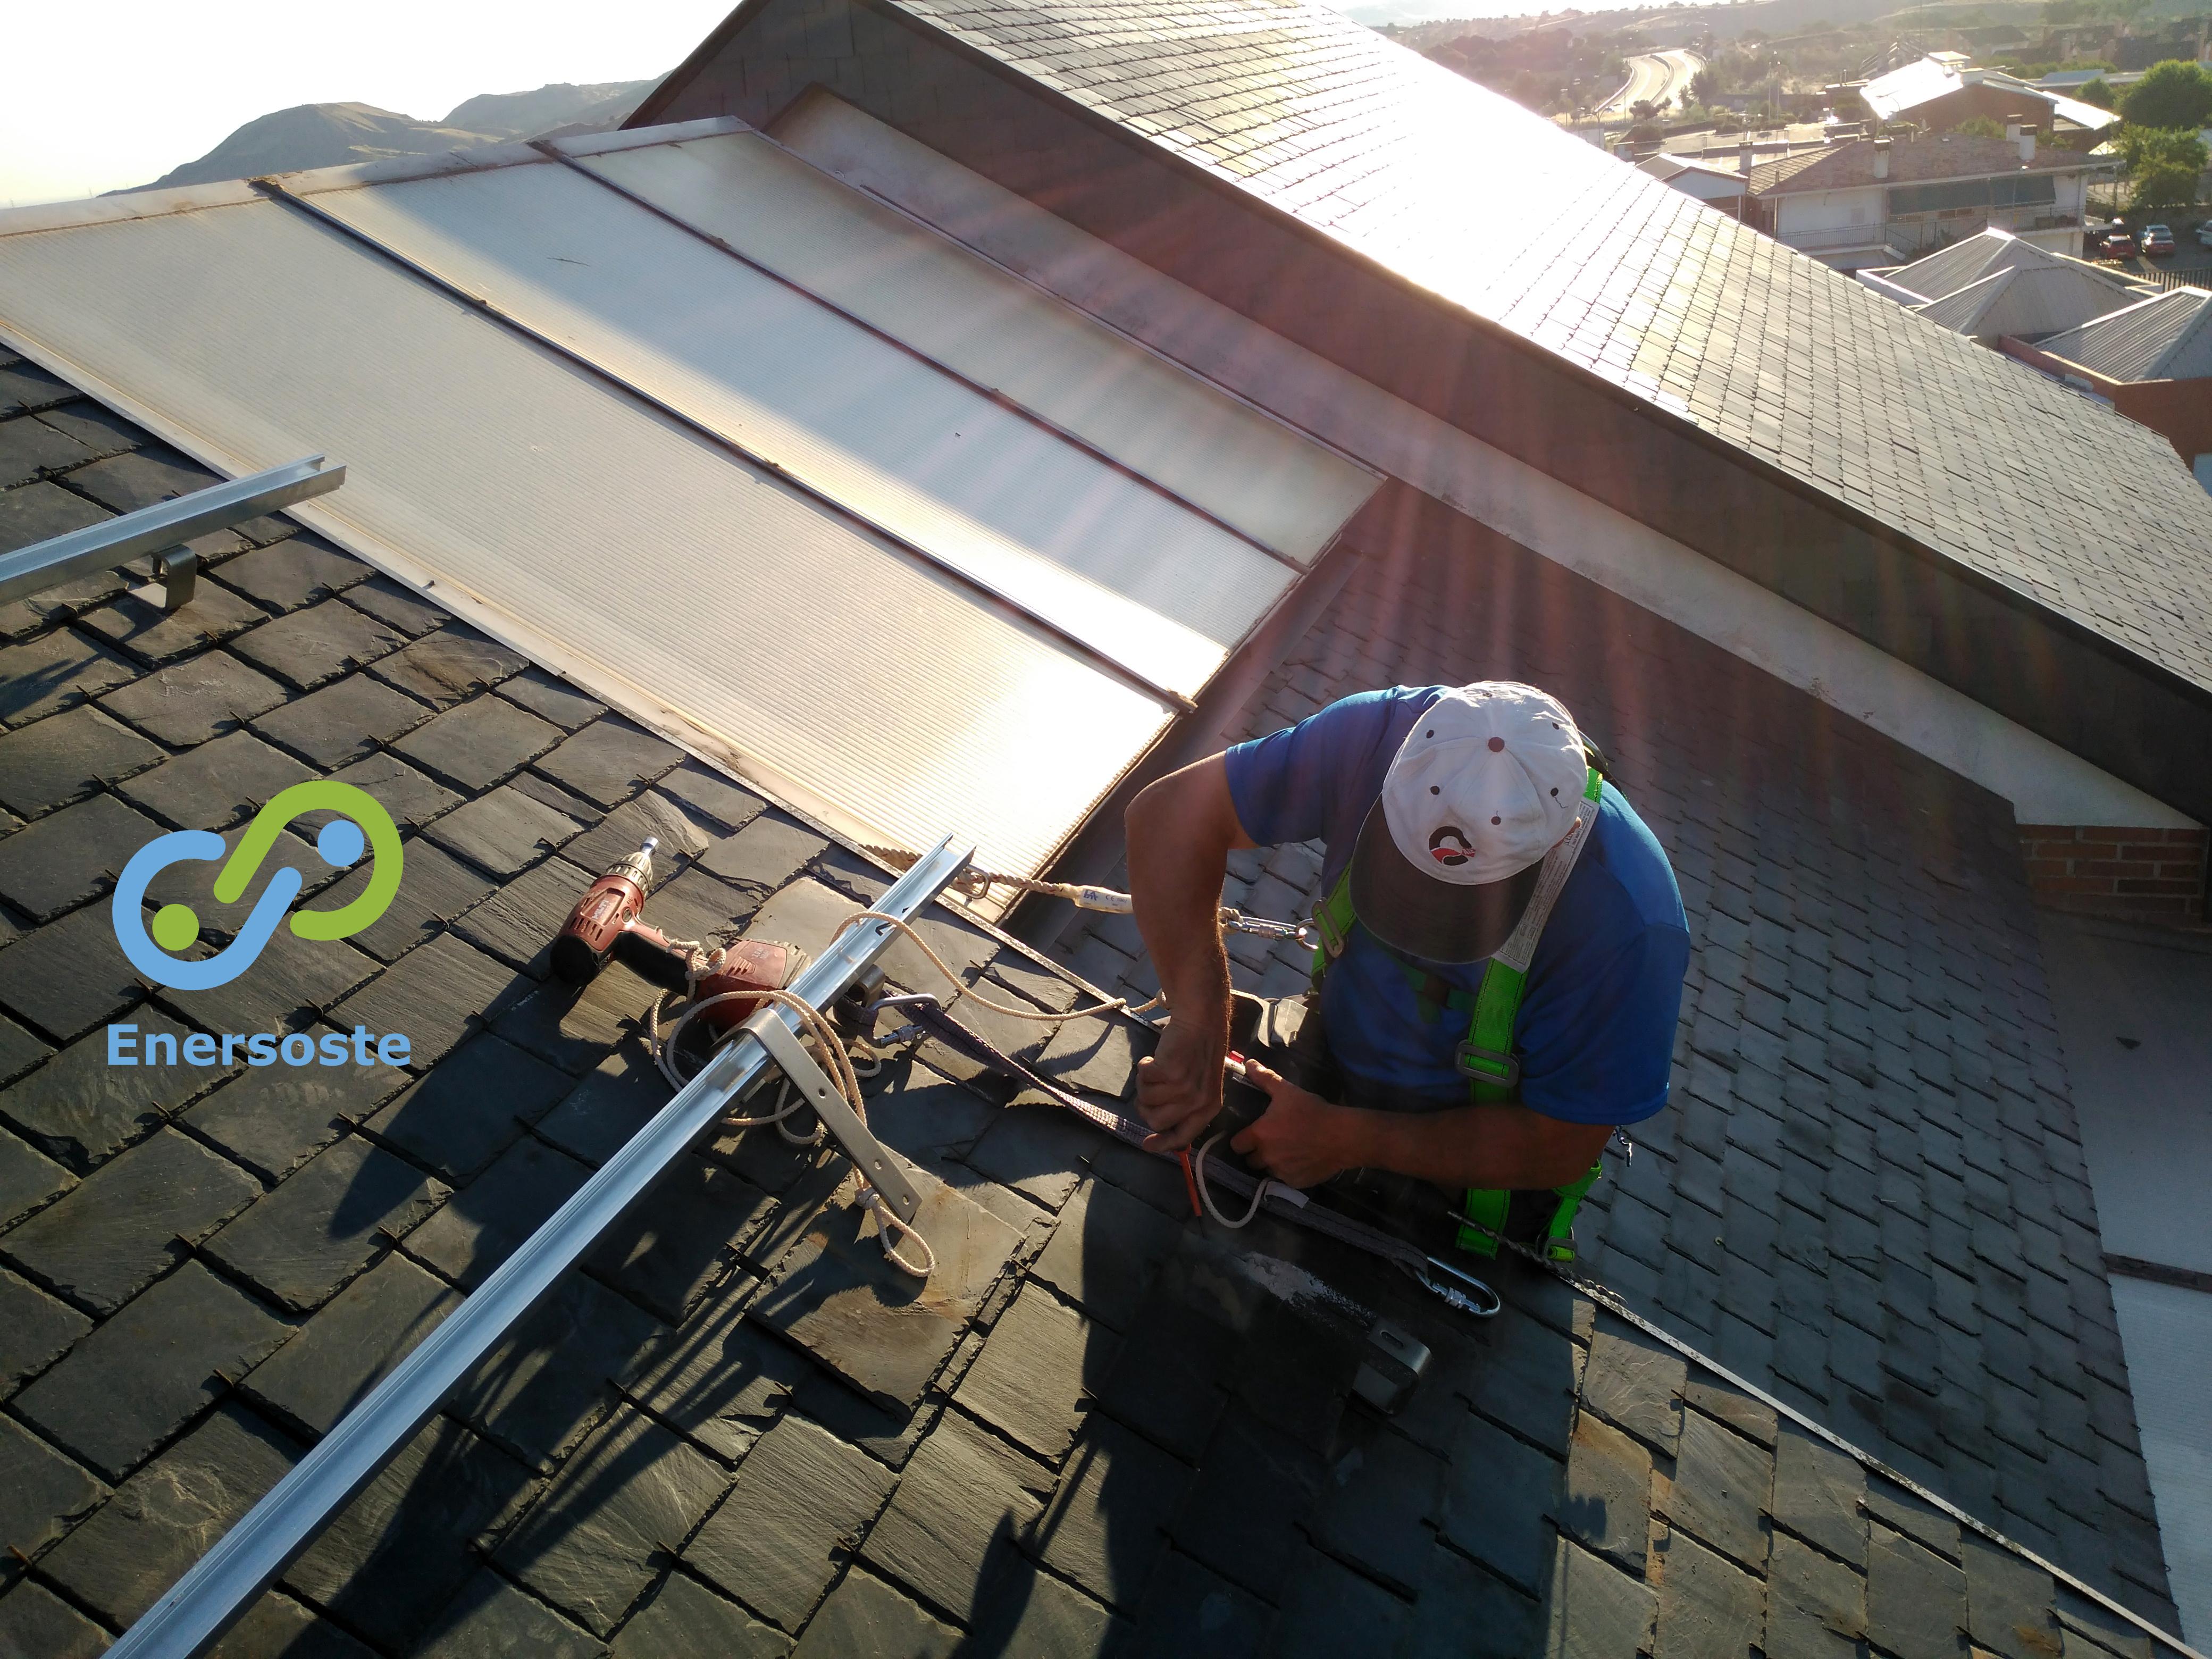 Nuestro trabajo: Instalación Fotovoltaica en vivienda